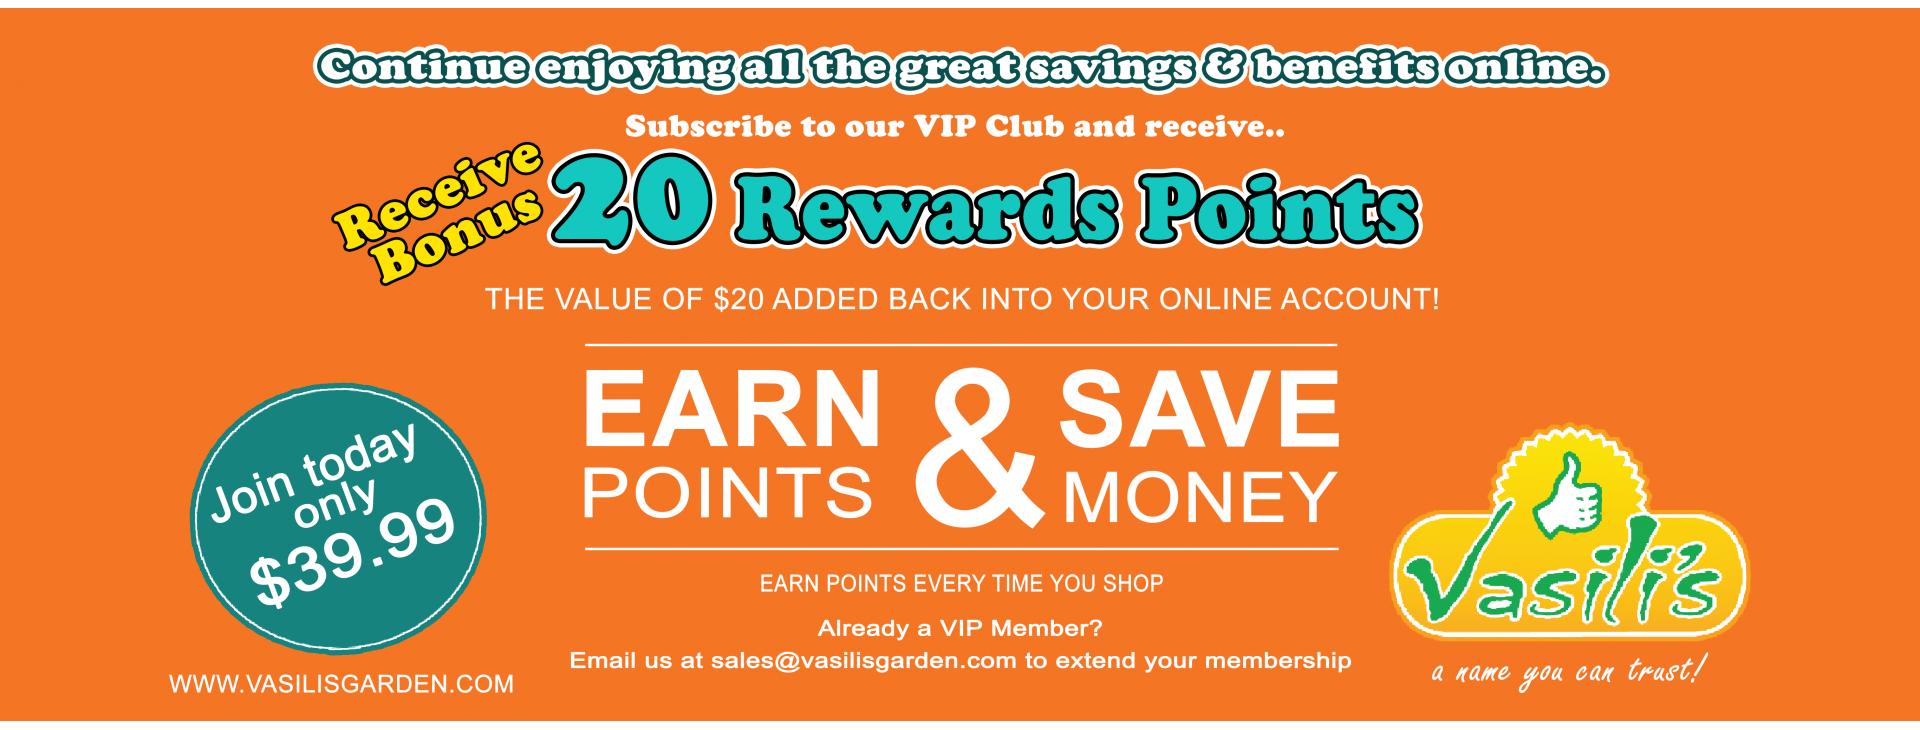 rewards points b&w